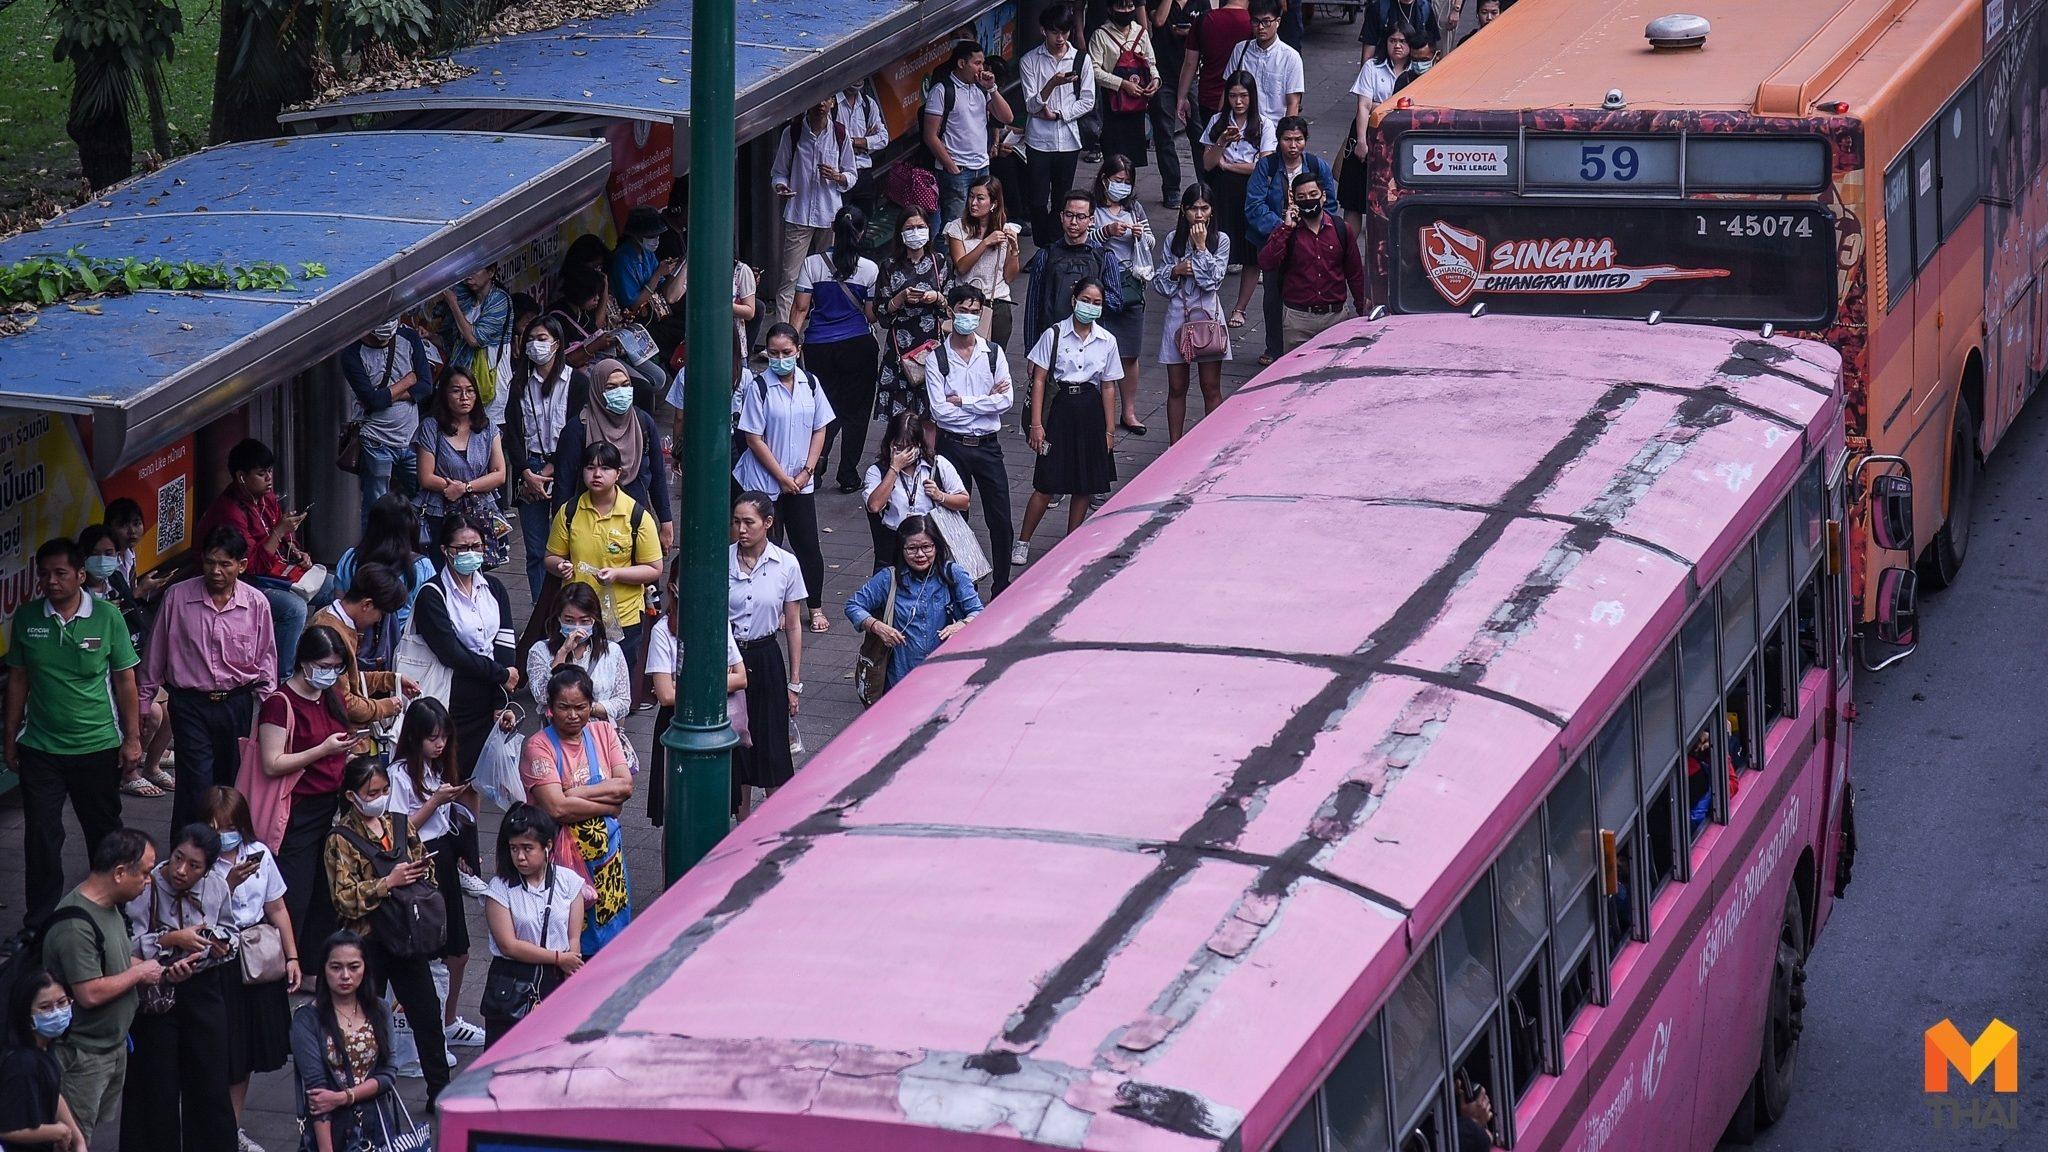 การเมืองไทย คนนอนไม่หลับ ปัญหาเศรษฐกิจ